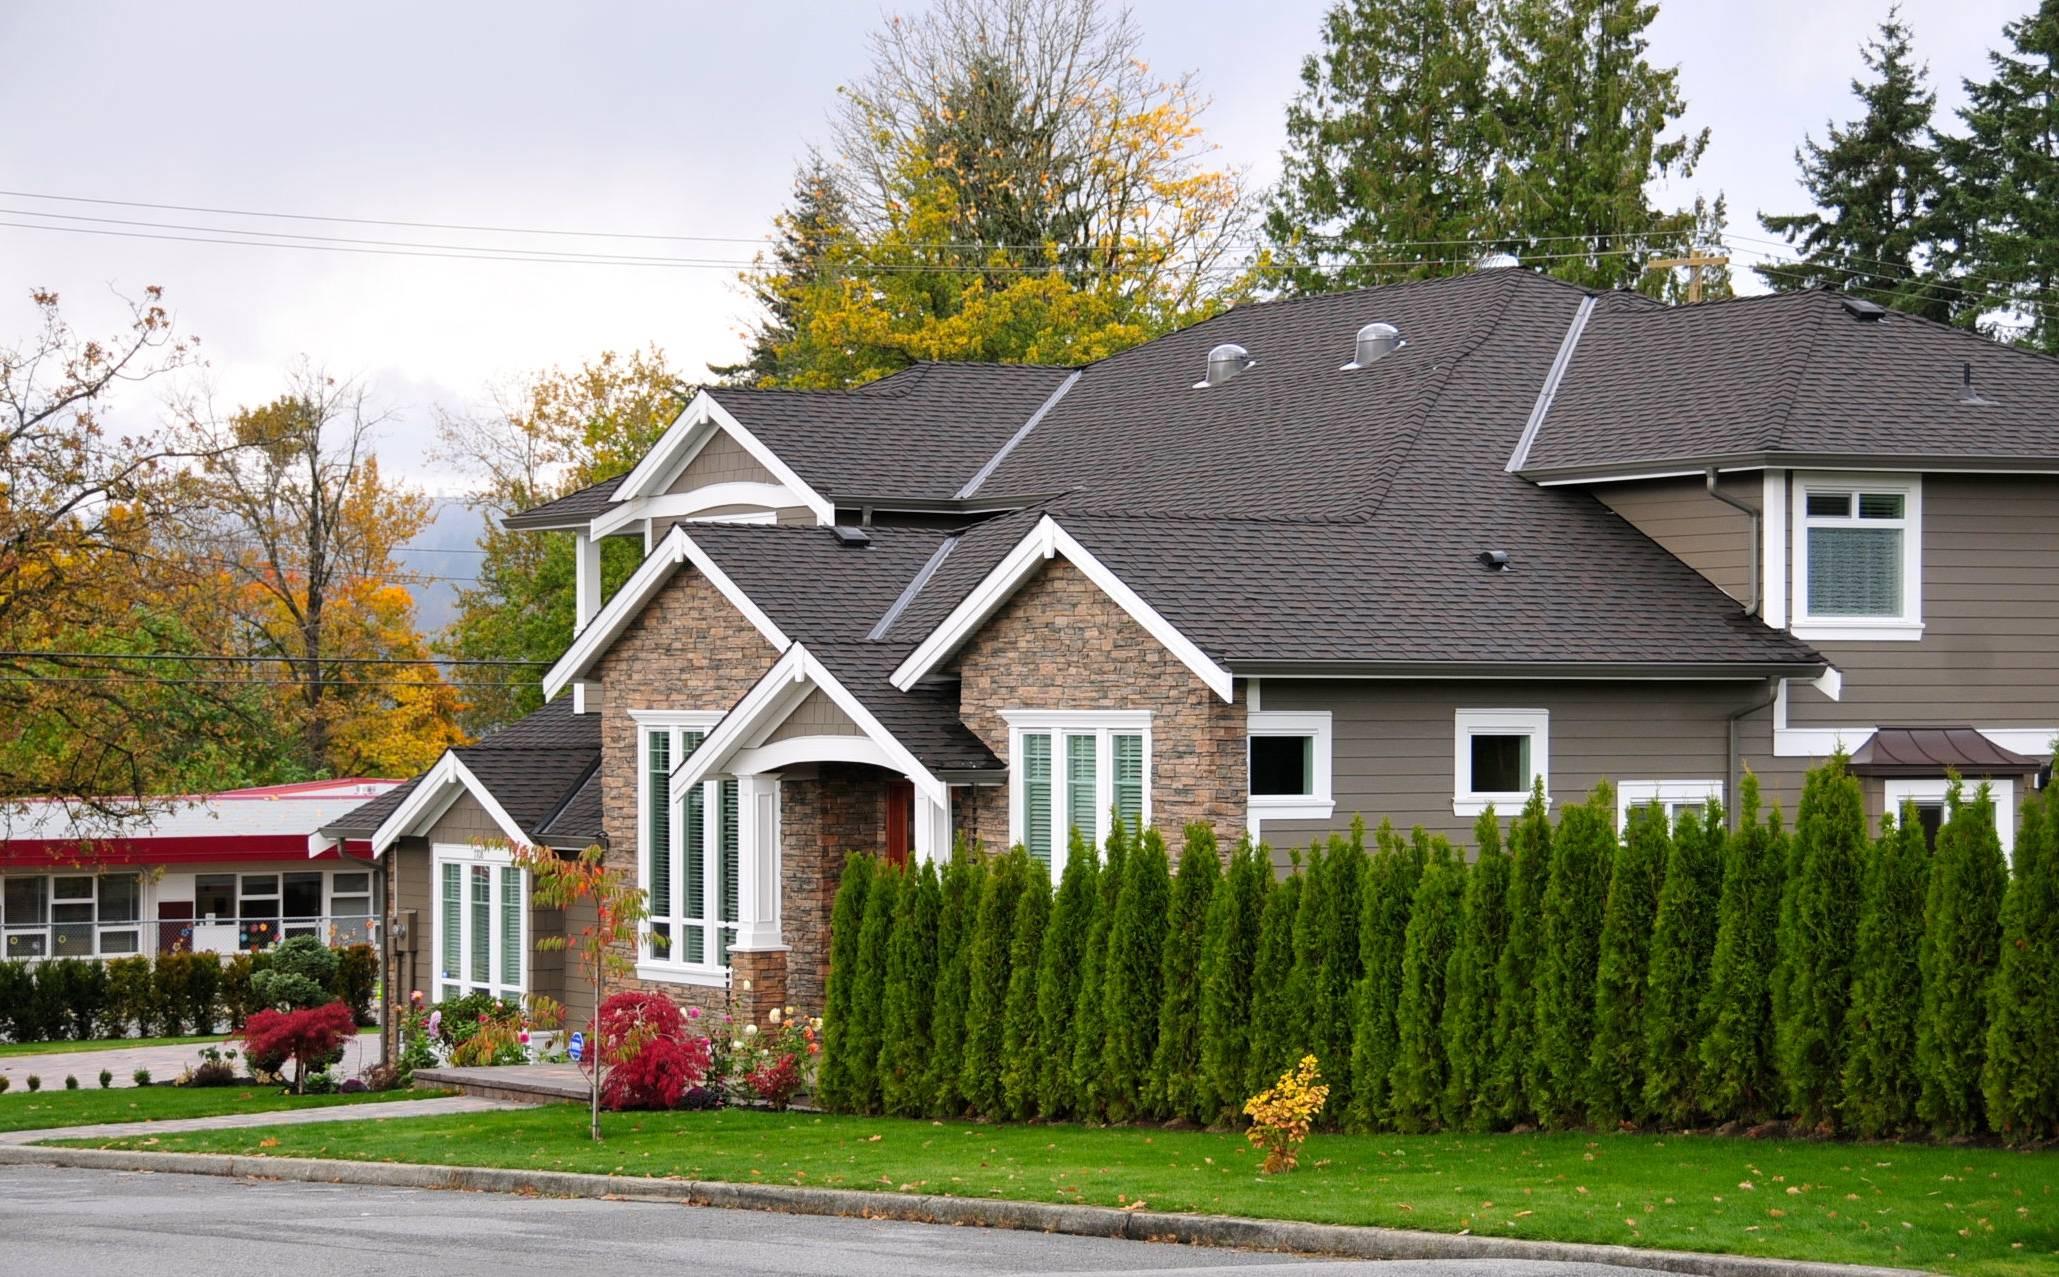 Цены на канадское жилье упадут в 2021 году — иммигрант сегодня